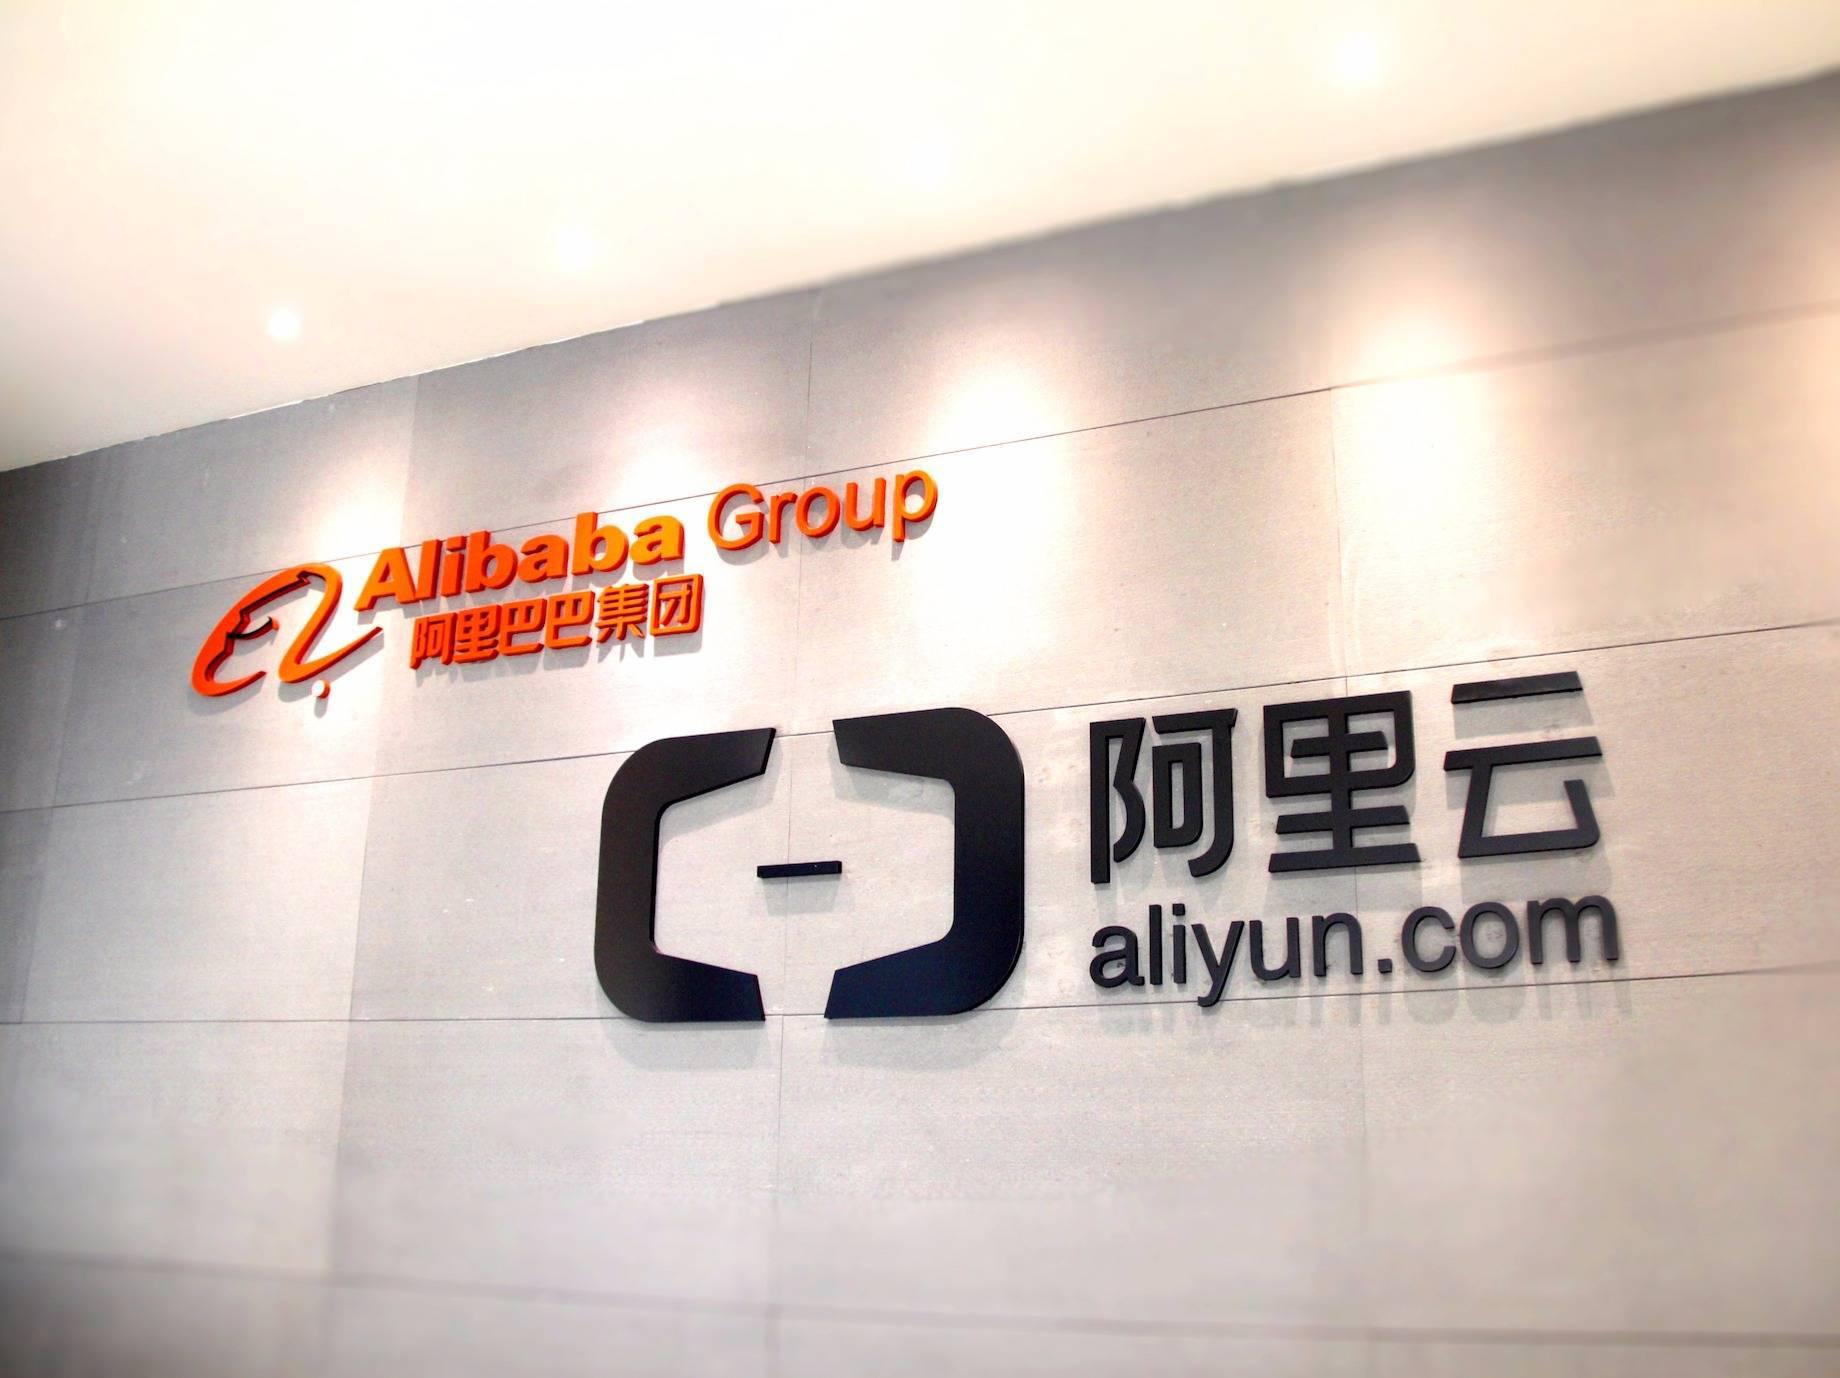 阿里云总裁胡晓明:坚决不碰客户数据是阿里云的底线